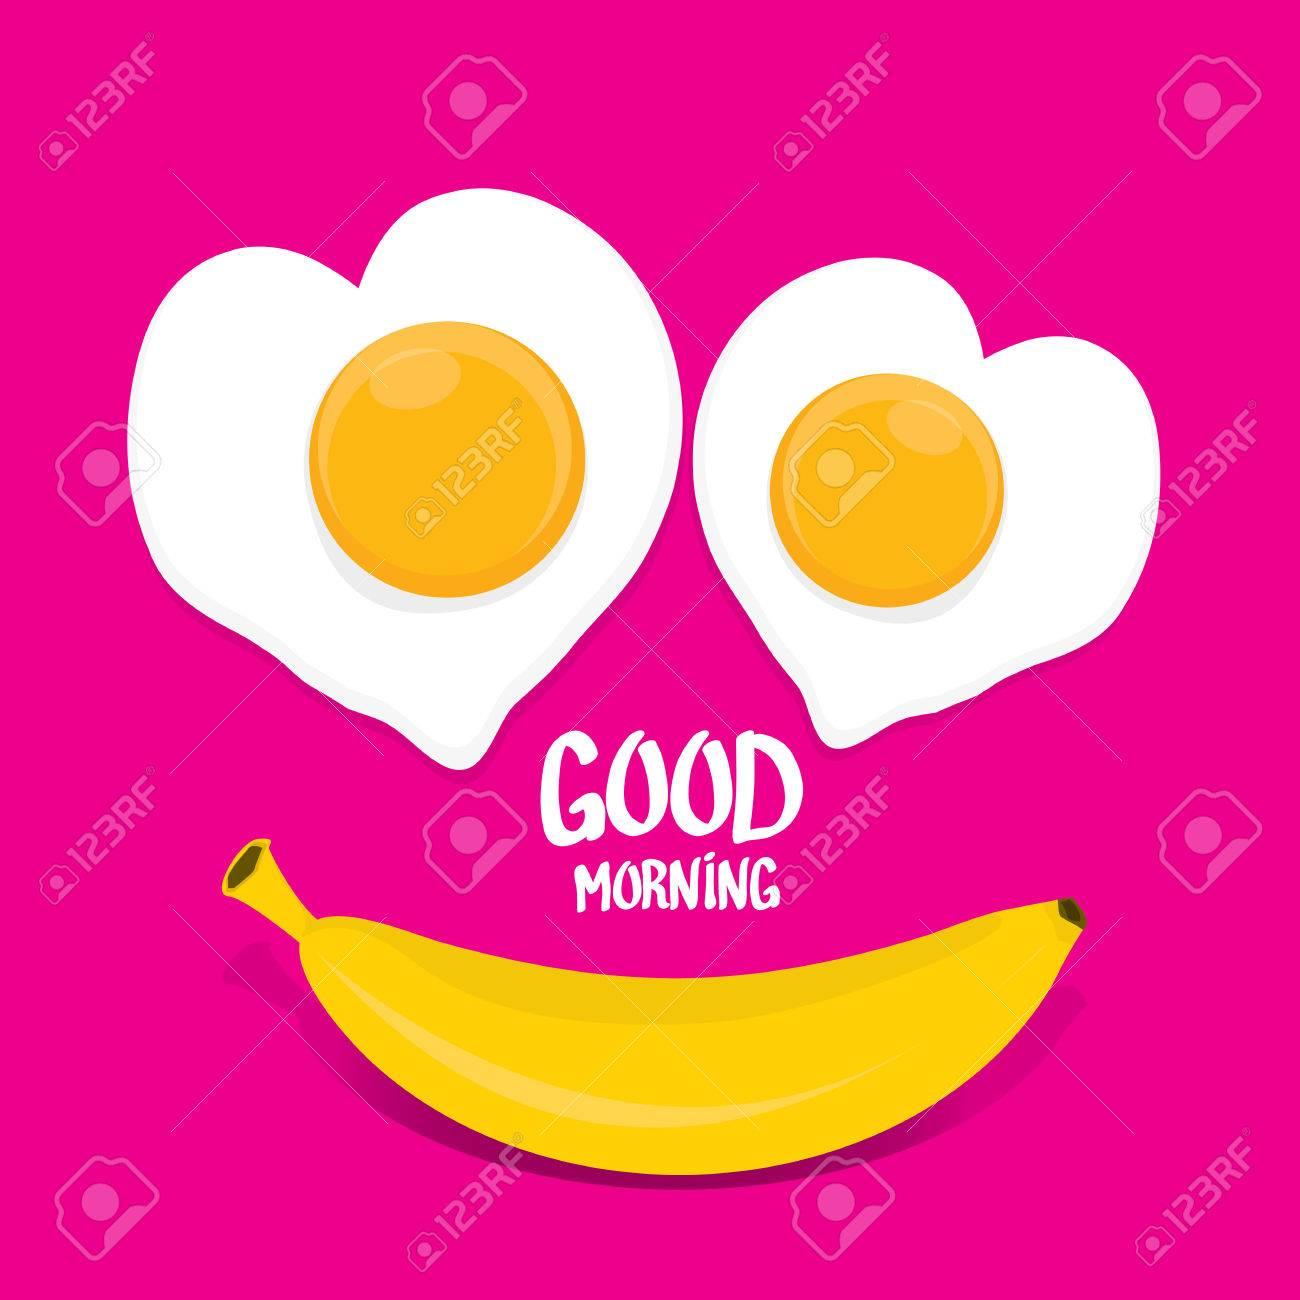 Bon Vecteur Matin Notion Drole Fond Vecteur Bon Sourire Du Matin A Base De Banane Et Uf Frit Clip Art Libres De Droits Vecteurs Et Illustration Image 61774739